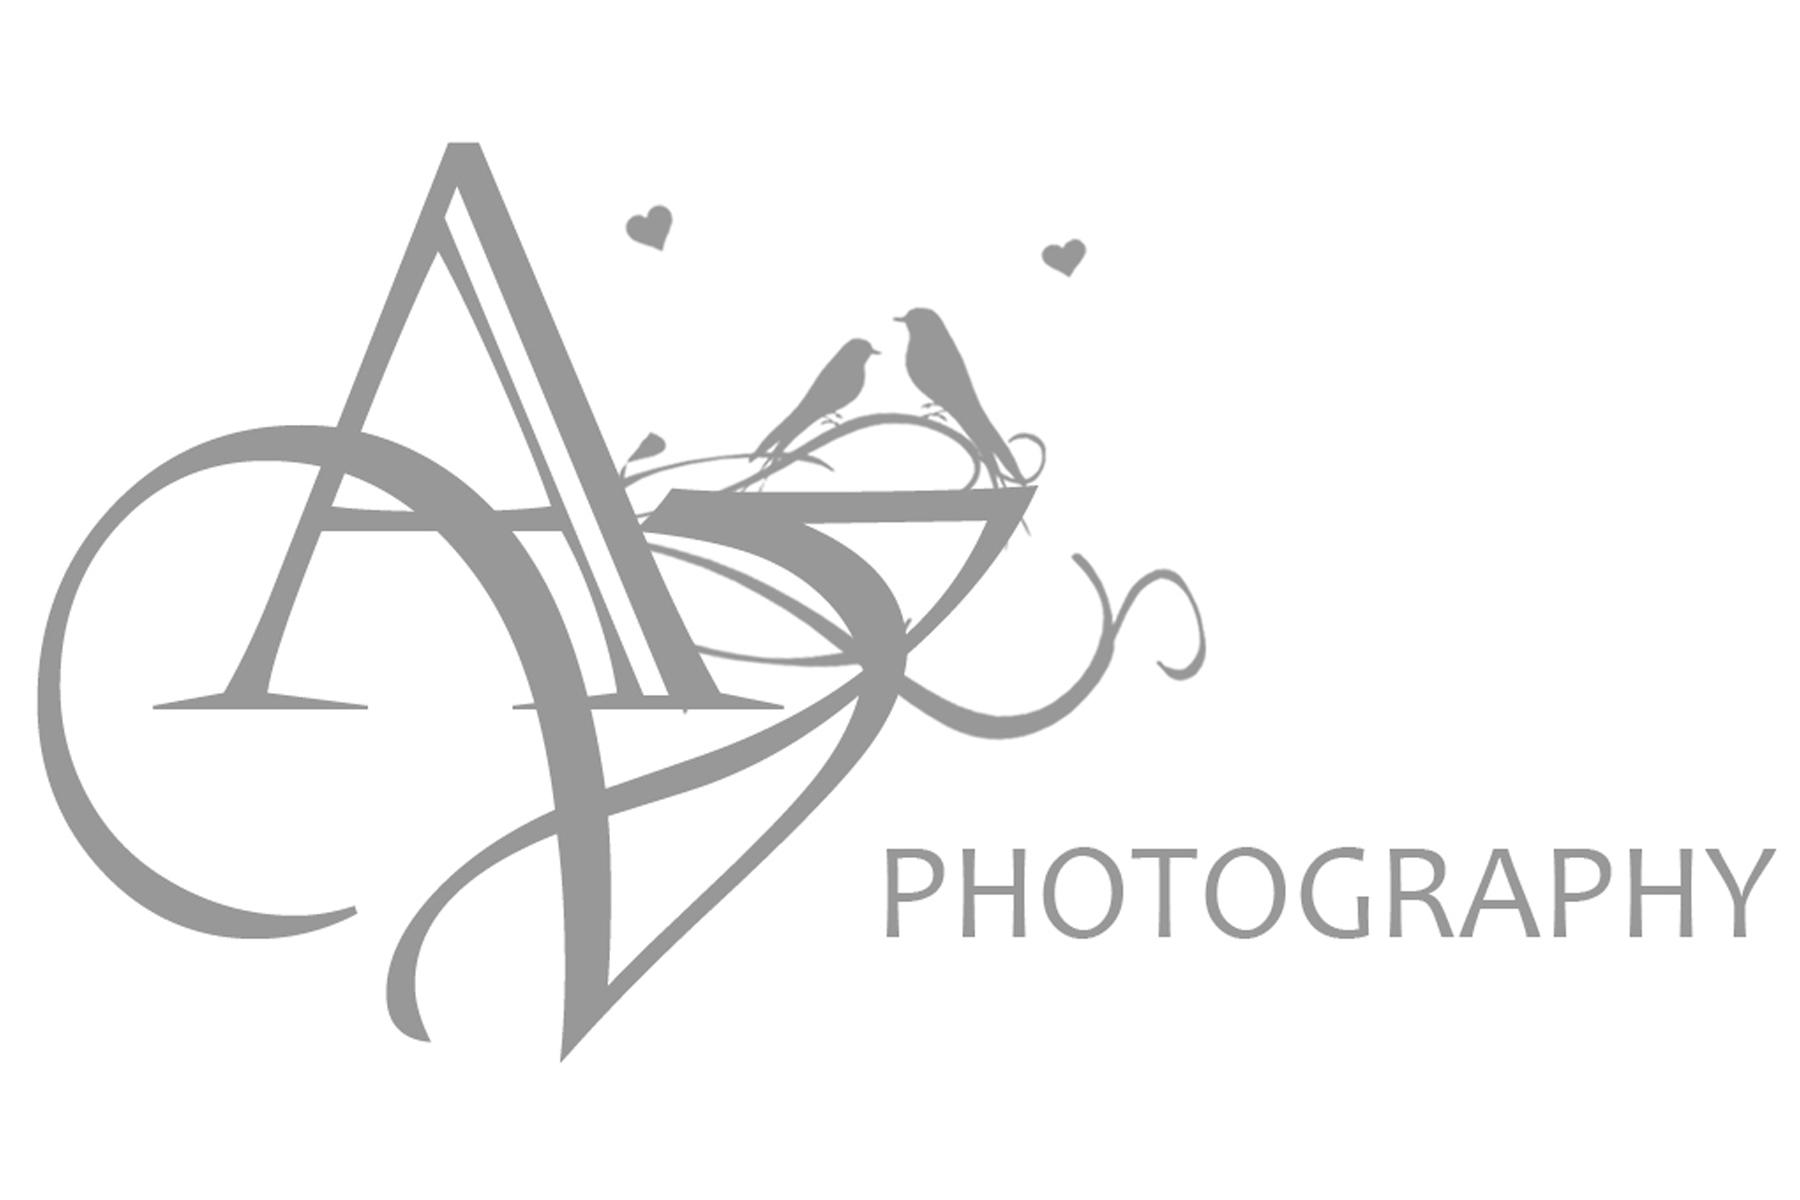 A & V Photography